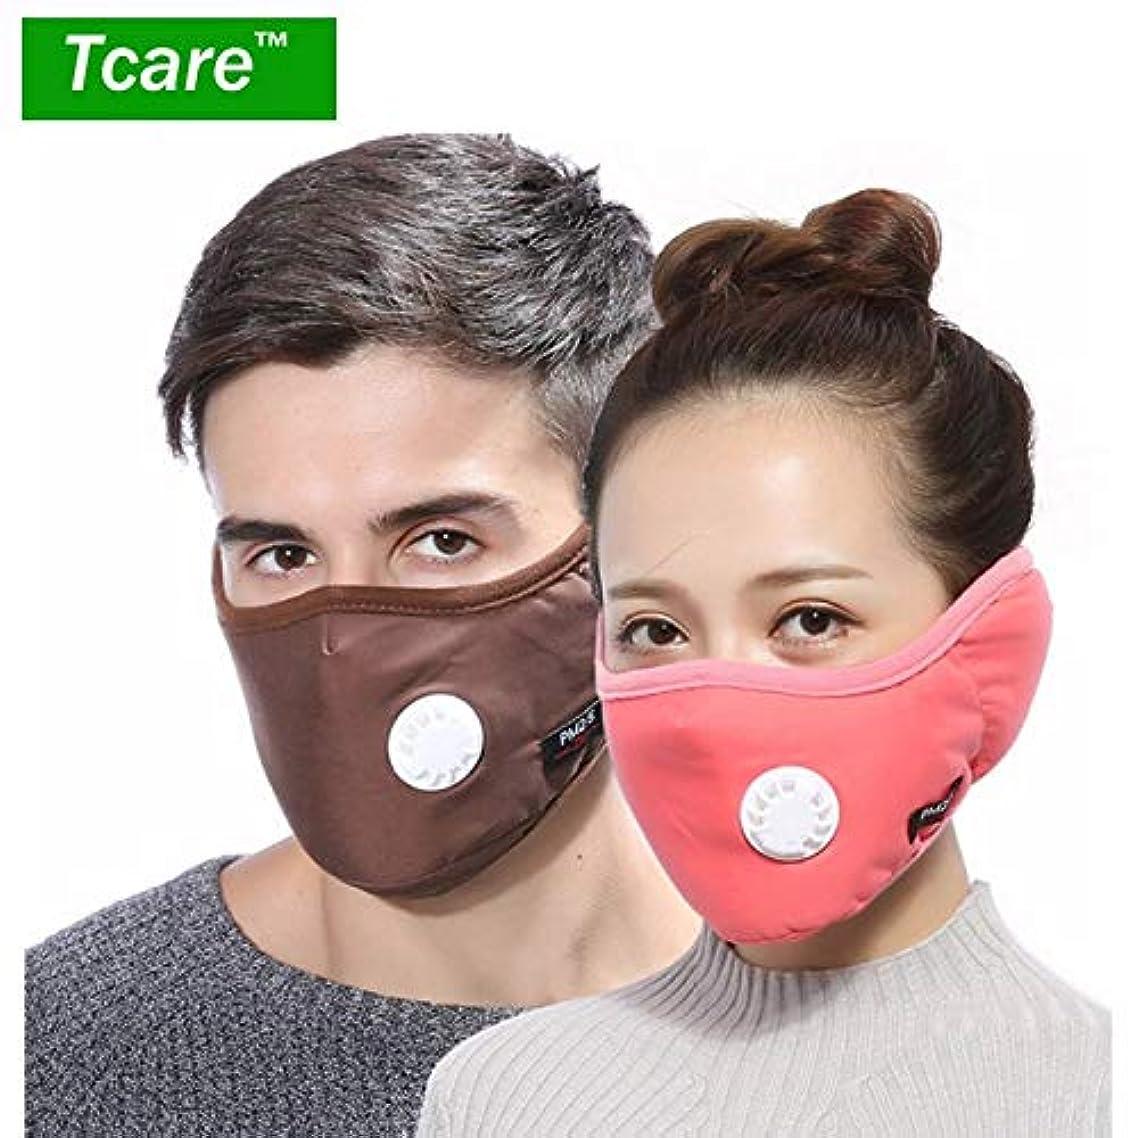 蒸留春作曲する3ダーク:1 PM2.5マスクバルブコットンアンチダスト口マスクの冬のイヤーマフActtedフィルター付マスクでTcare 2